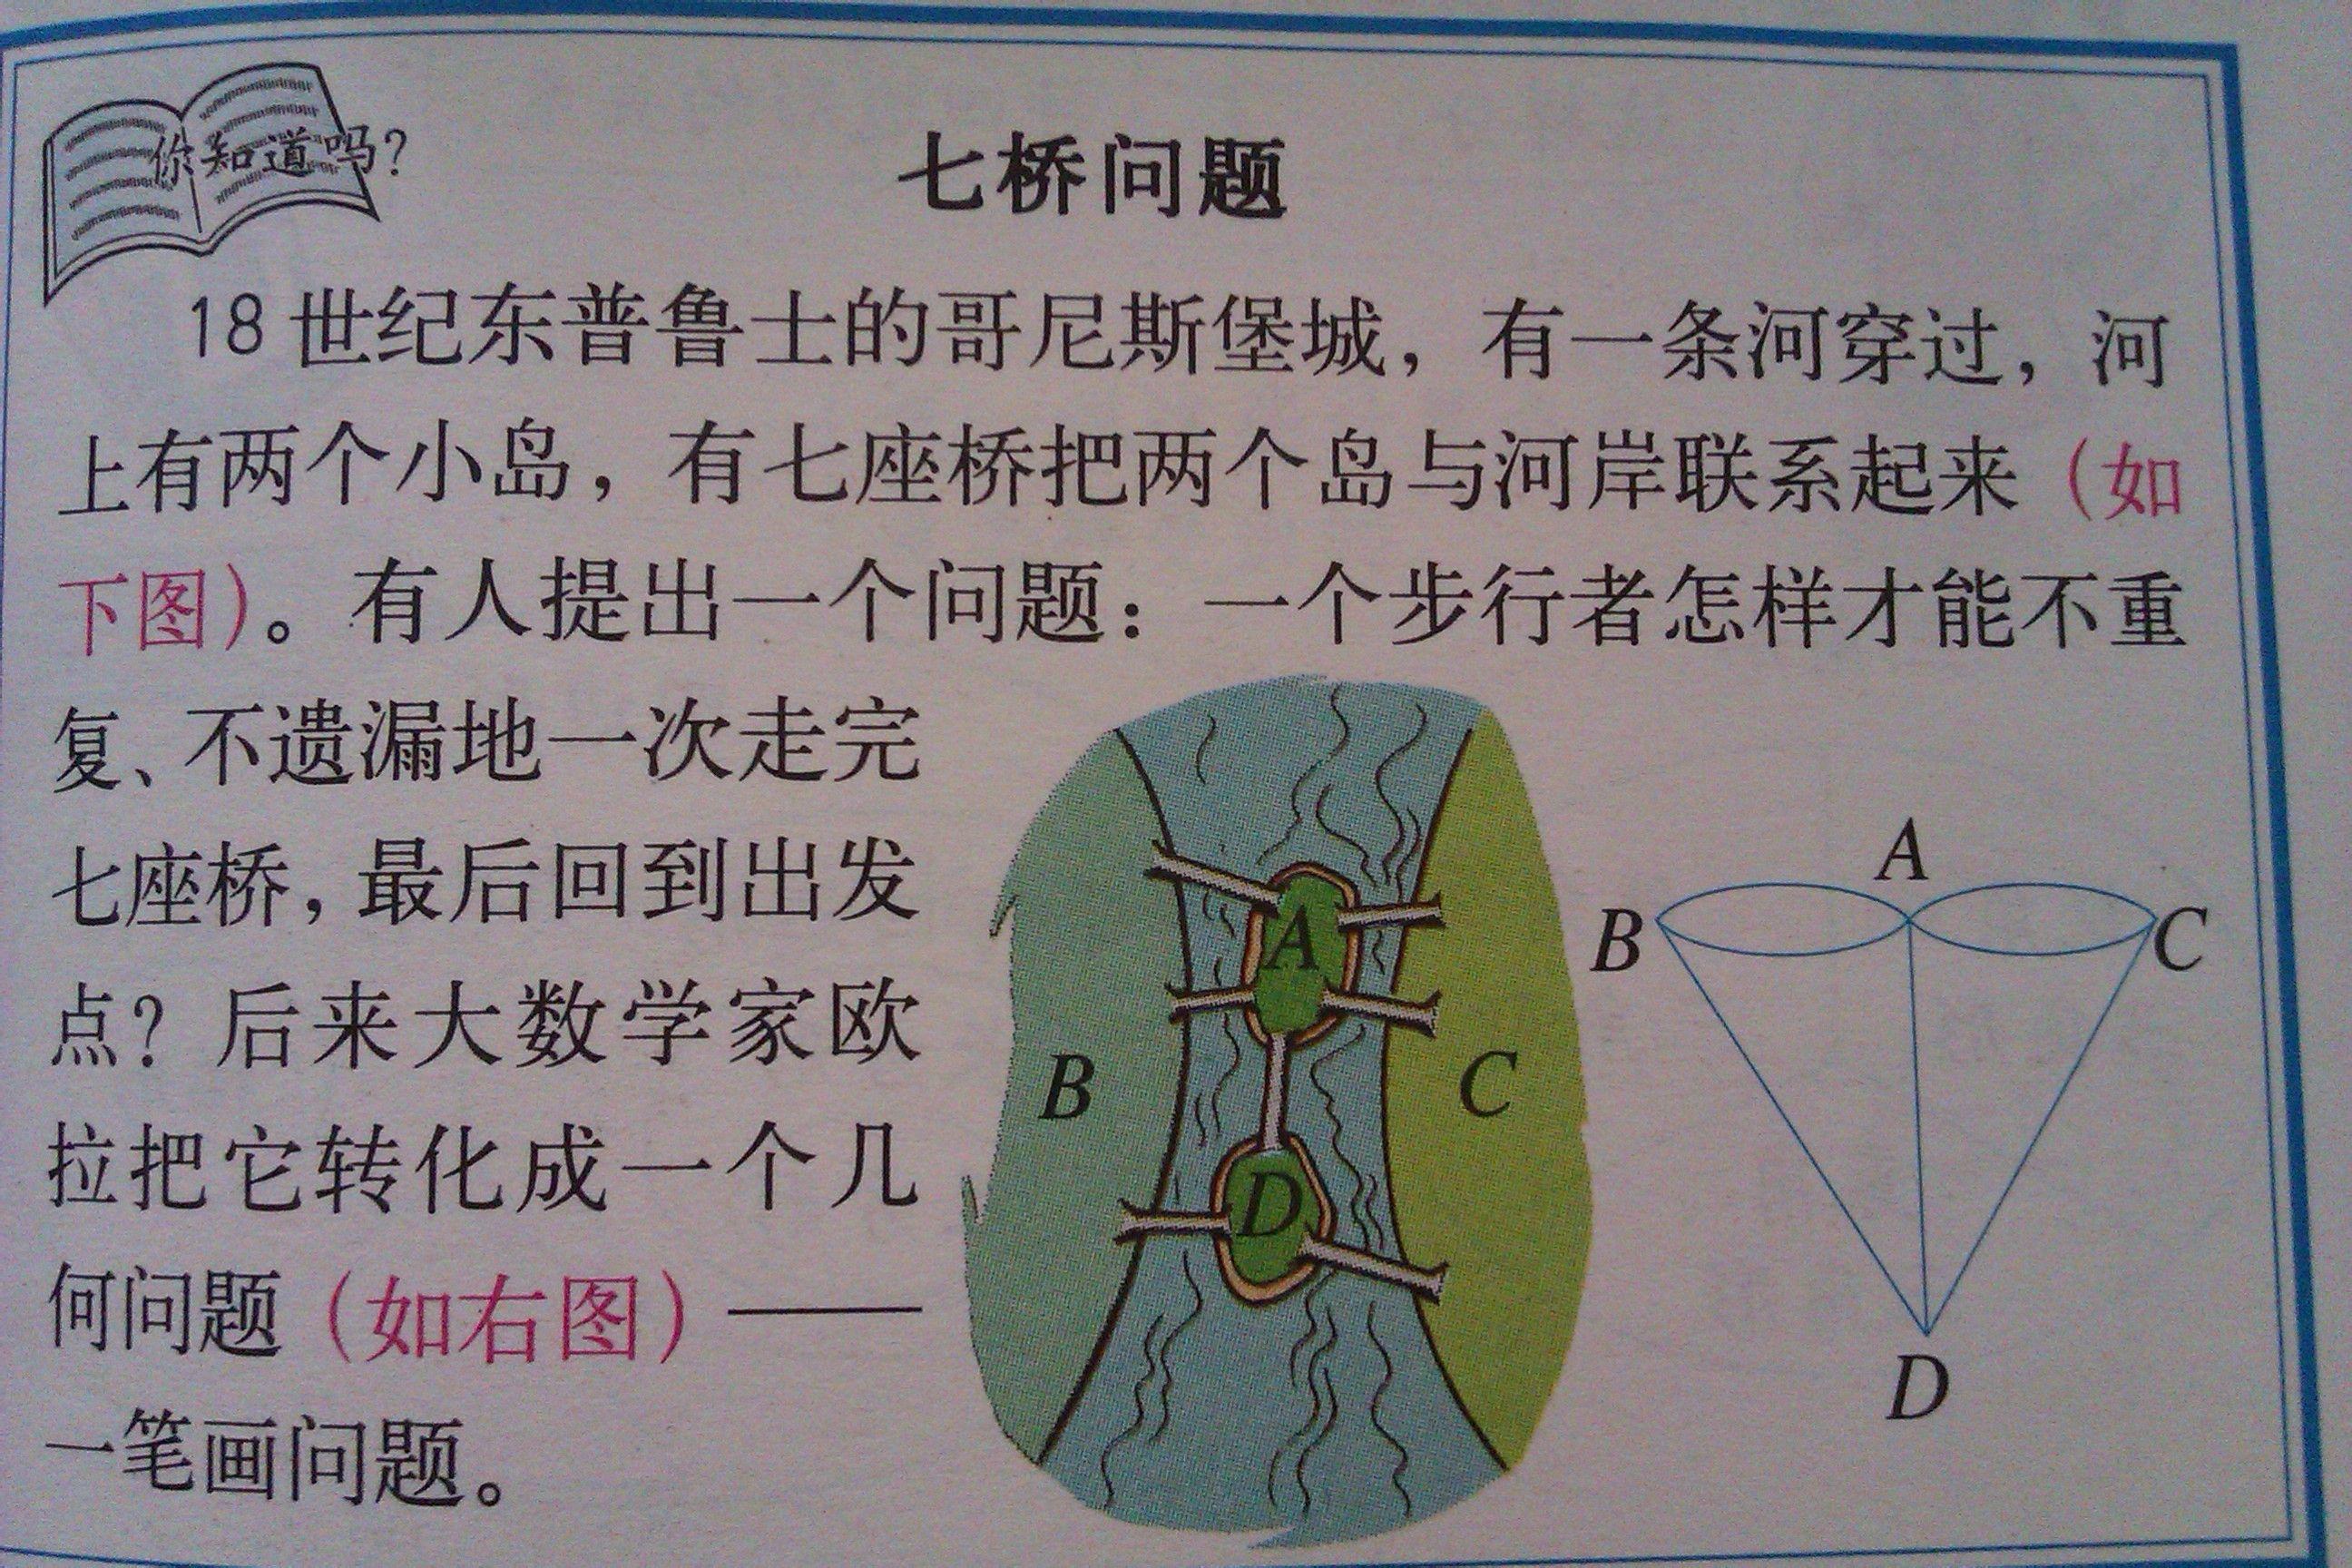 """《策略高年级数学""""解决圆圆""""结题问题的v策略》荷叶解题年级(六报告小学课题教学设计图片"""